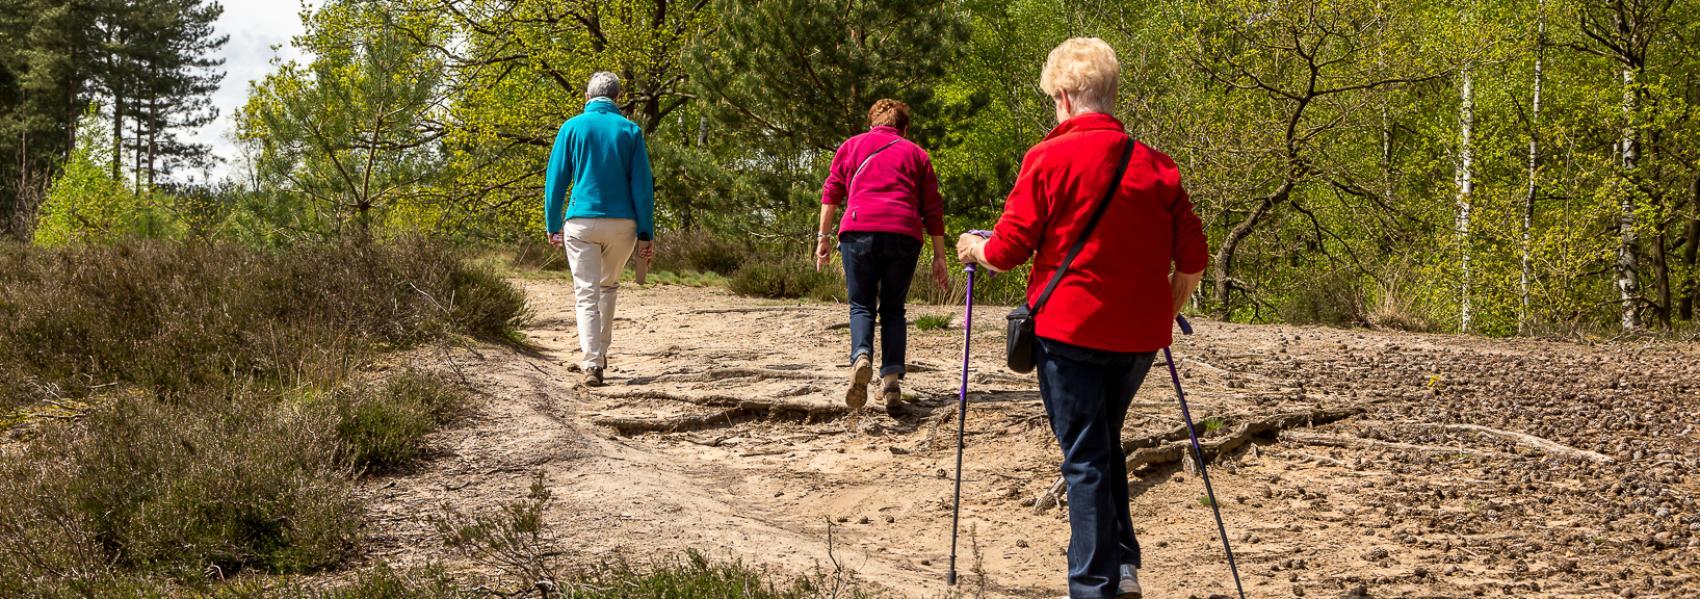 nordic walking op een zandweg